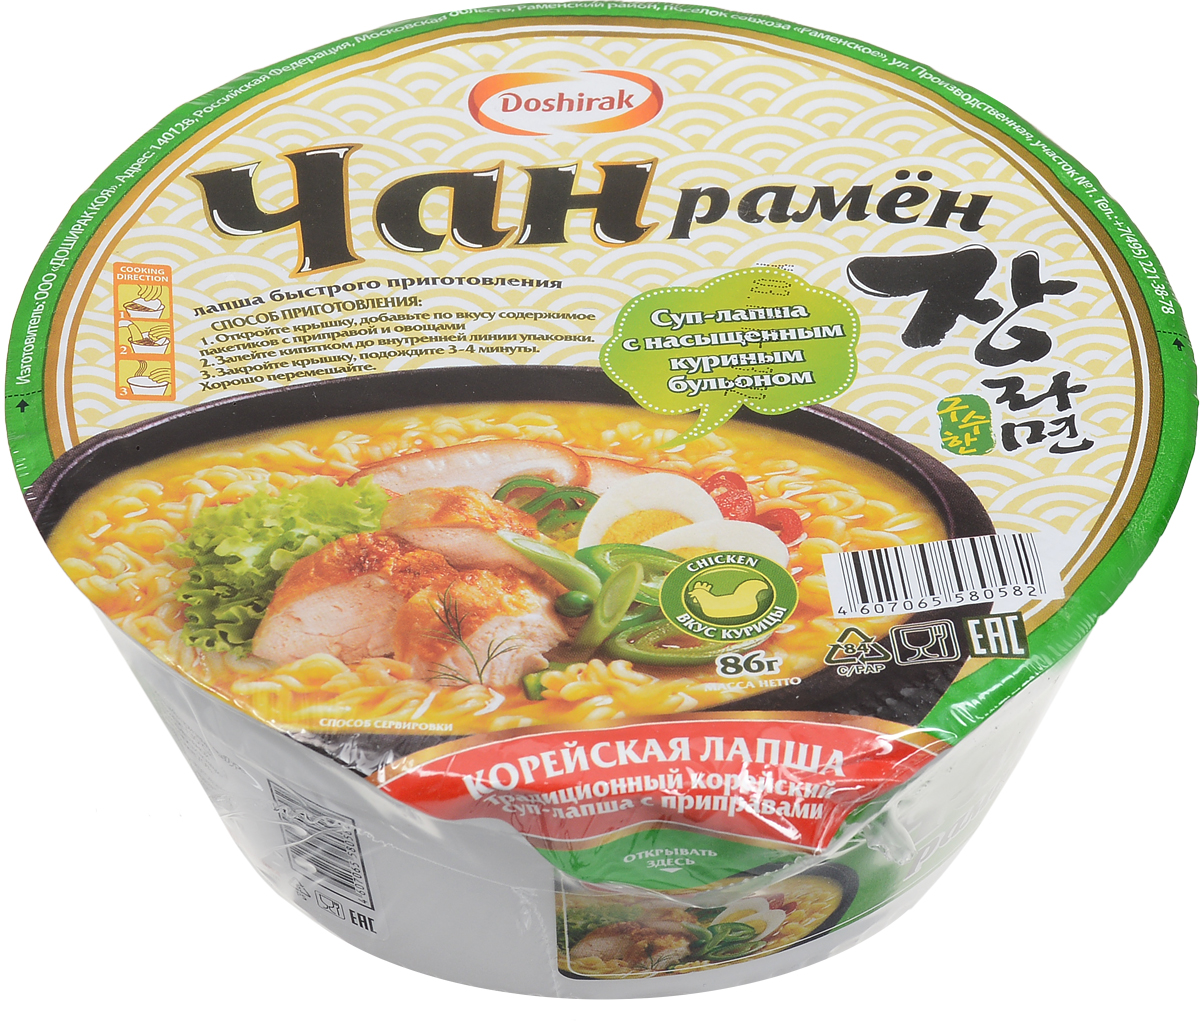 Doshirak Чан рамен лапша быстрого приготовления со вкусом курицы в чашке, 86 г0120710Лапша быстрого приготовления, стоит лишь залить кипятком.